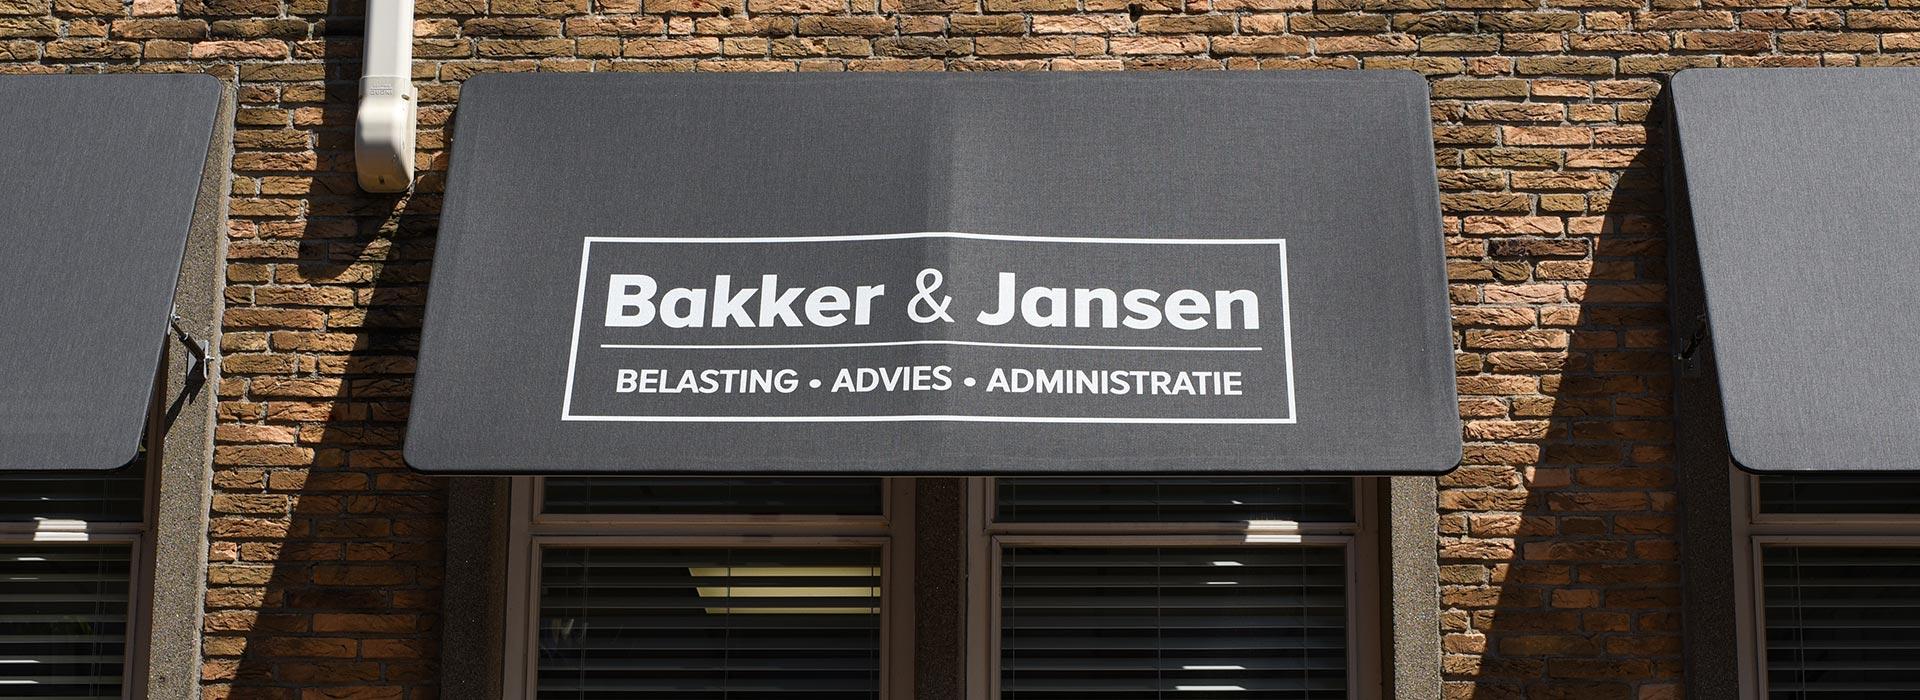 kantoor bakker en jansen